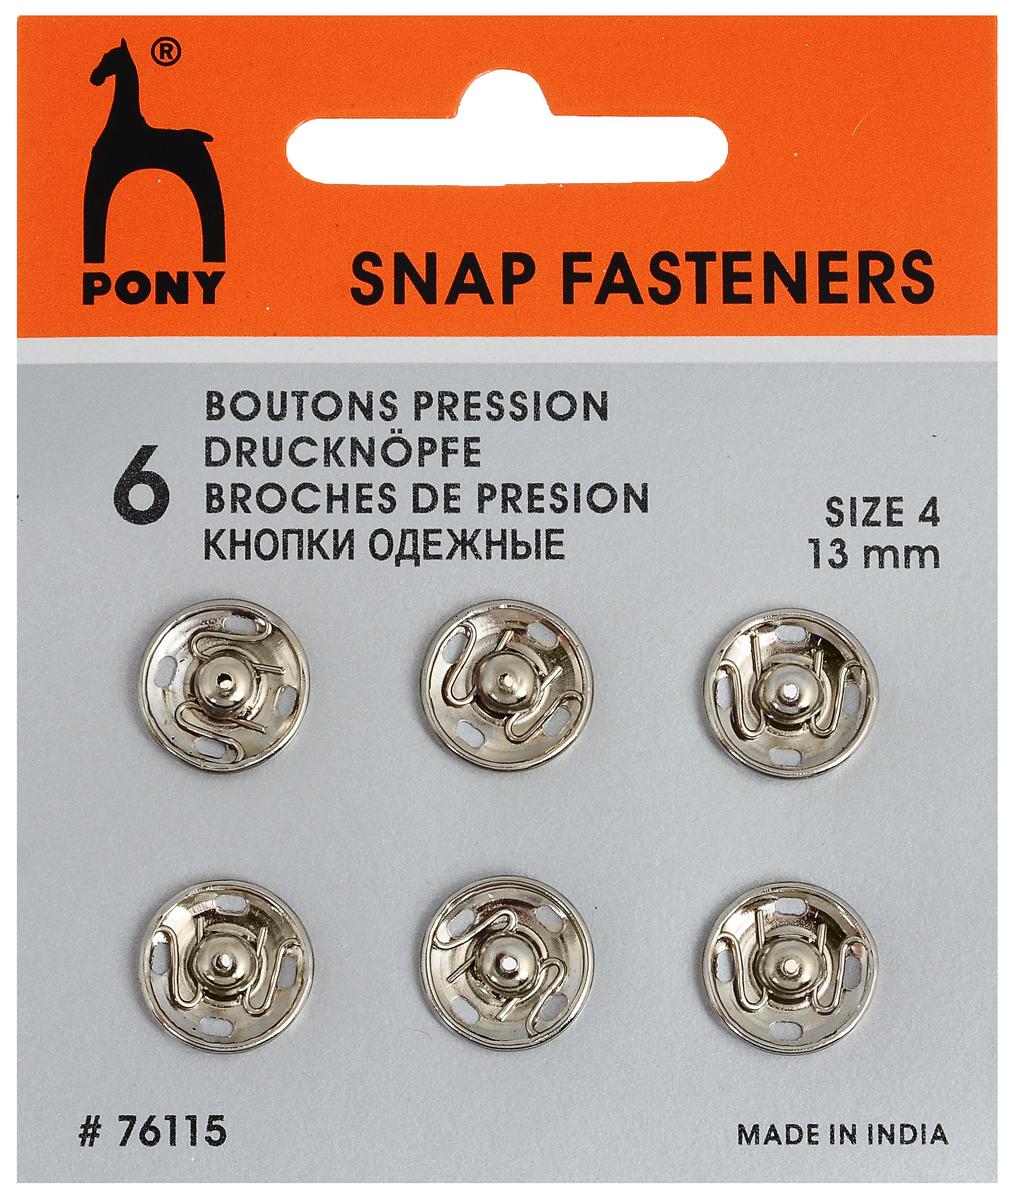 Кнопка одежная Pony, цвет: серебристый, 6 шт76115Одежные кнопки Pony изготовлены из стали.. Набор состоит из 6 кнопок одинакового размера. В составе нет никеля, что делает их более безопасными в применении.